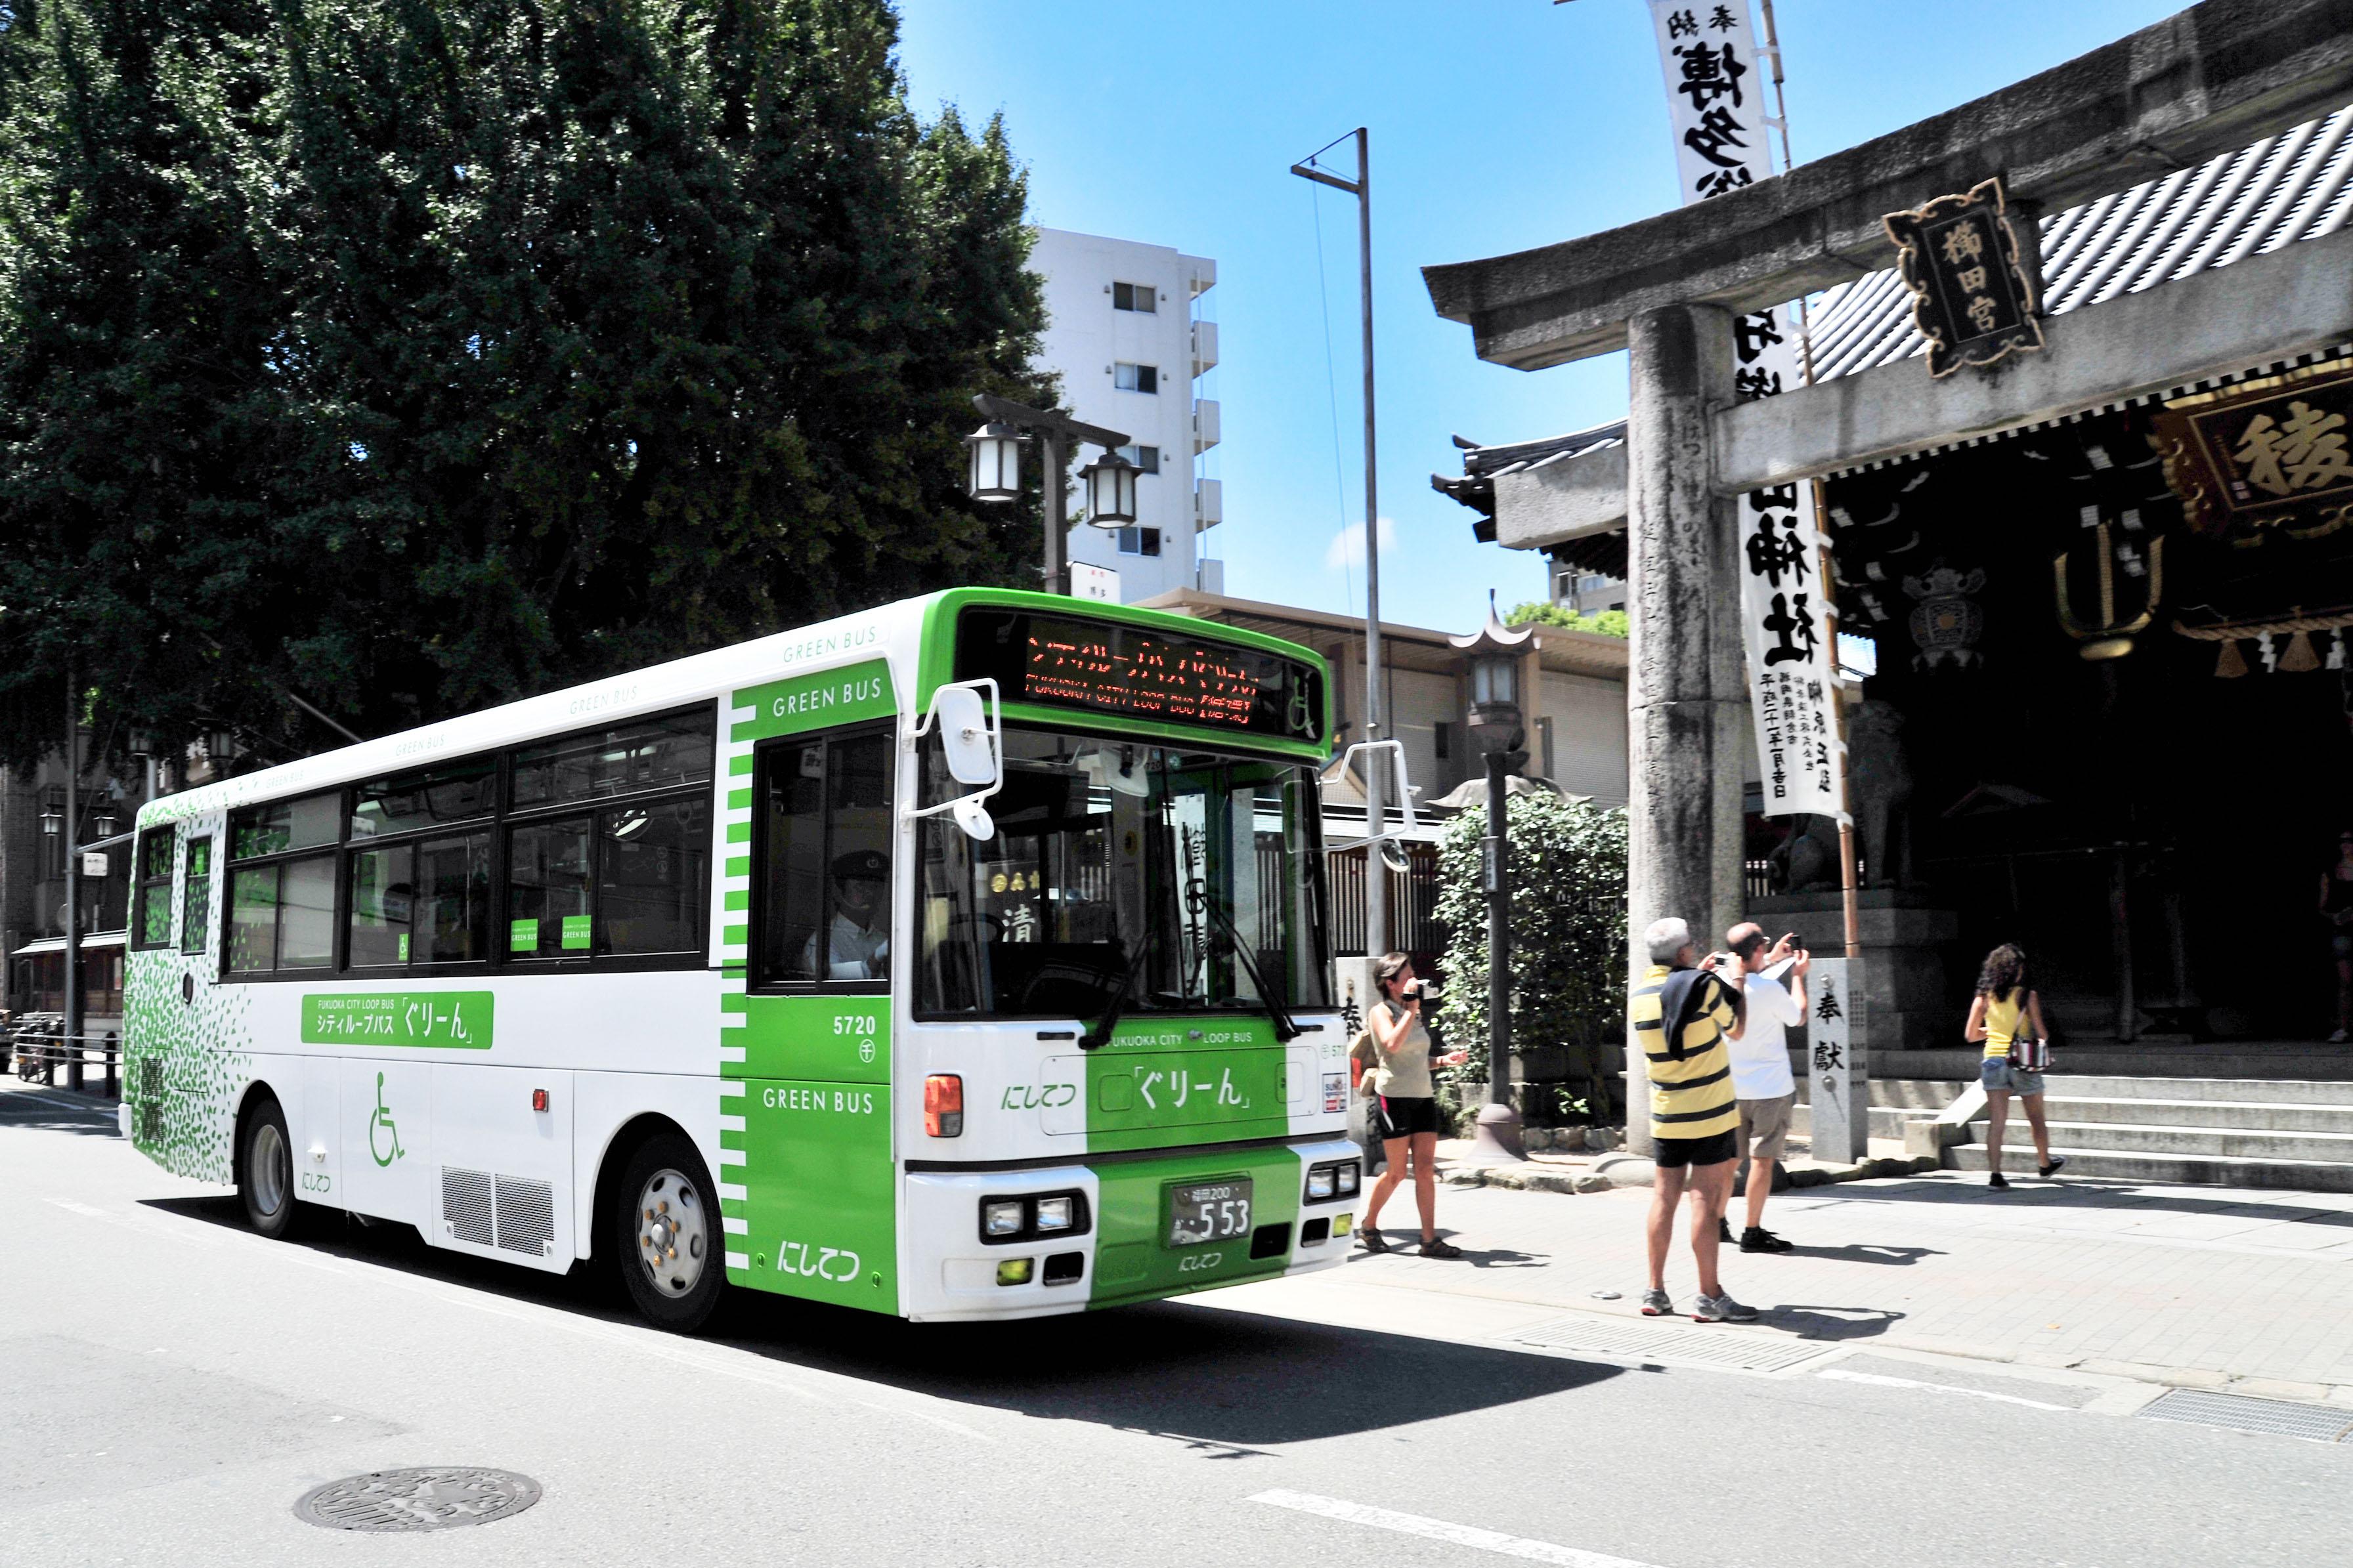 ループバスぐりーん・観光スポットを周遊(2009)の画像